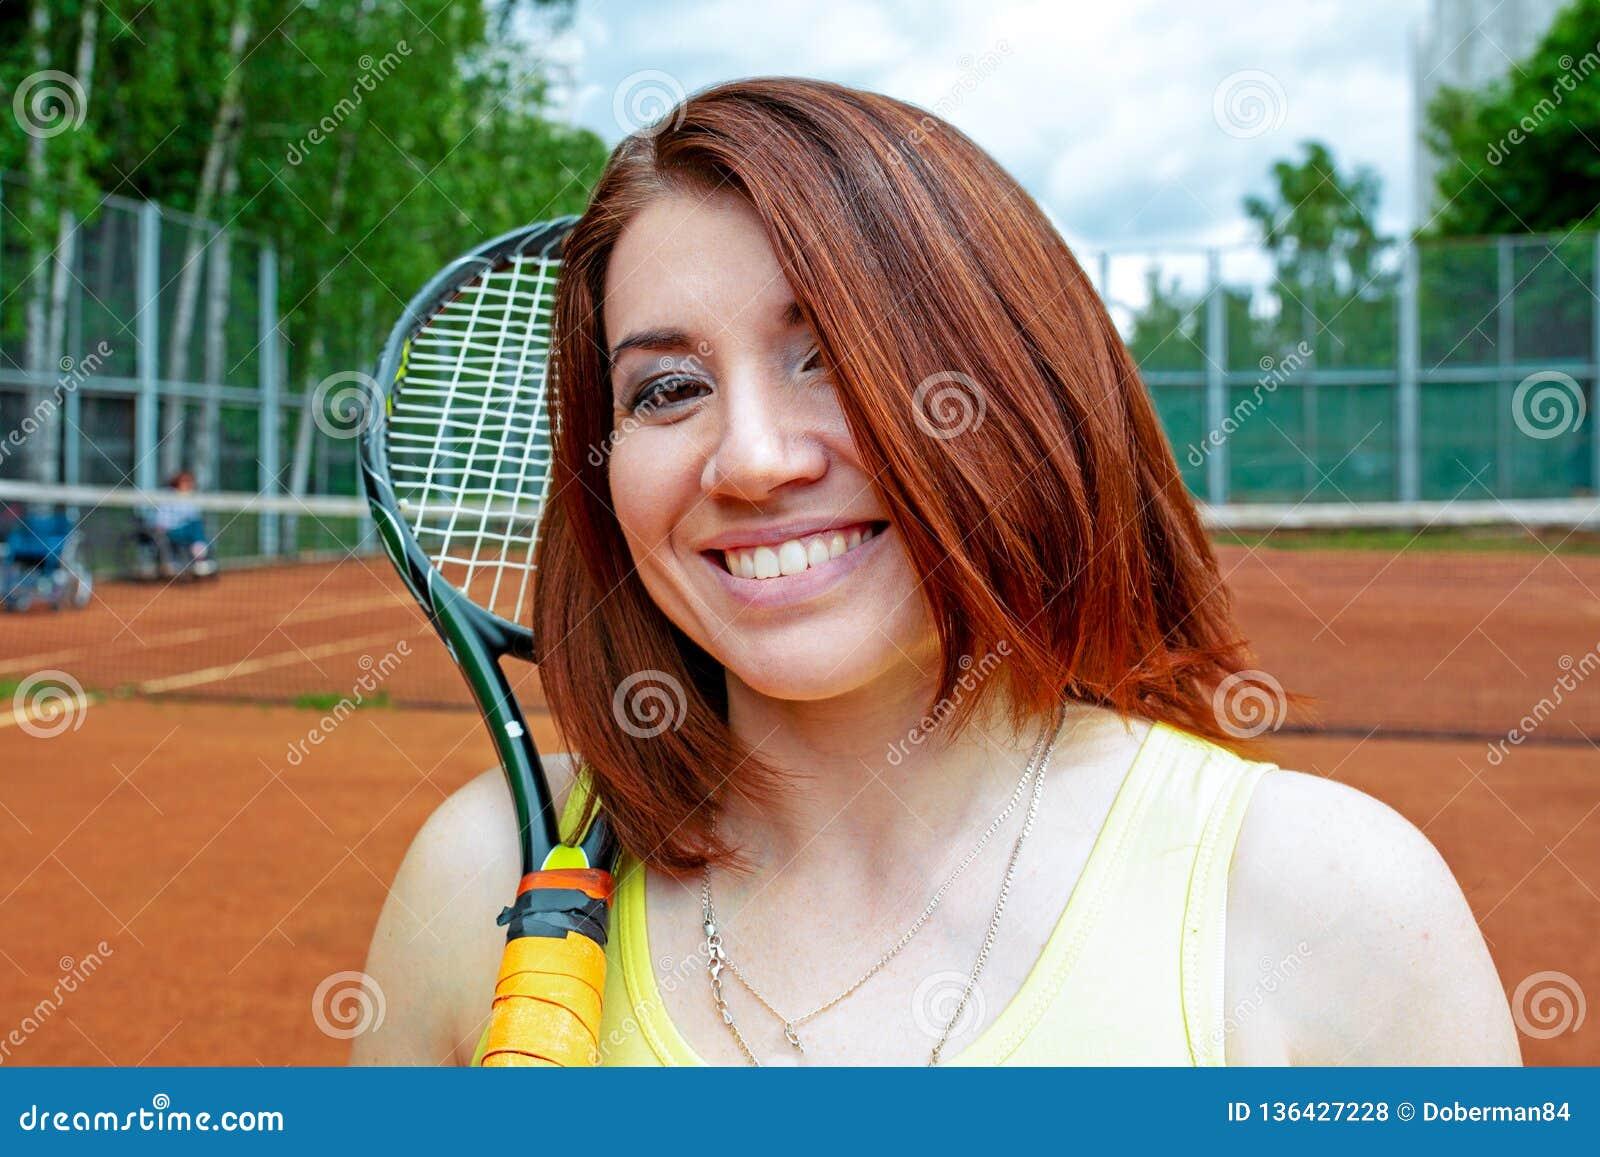 Desportista bem sucedido com a raquete no campo de tênis Estilo de vida saudável